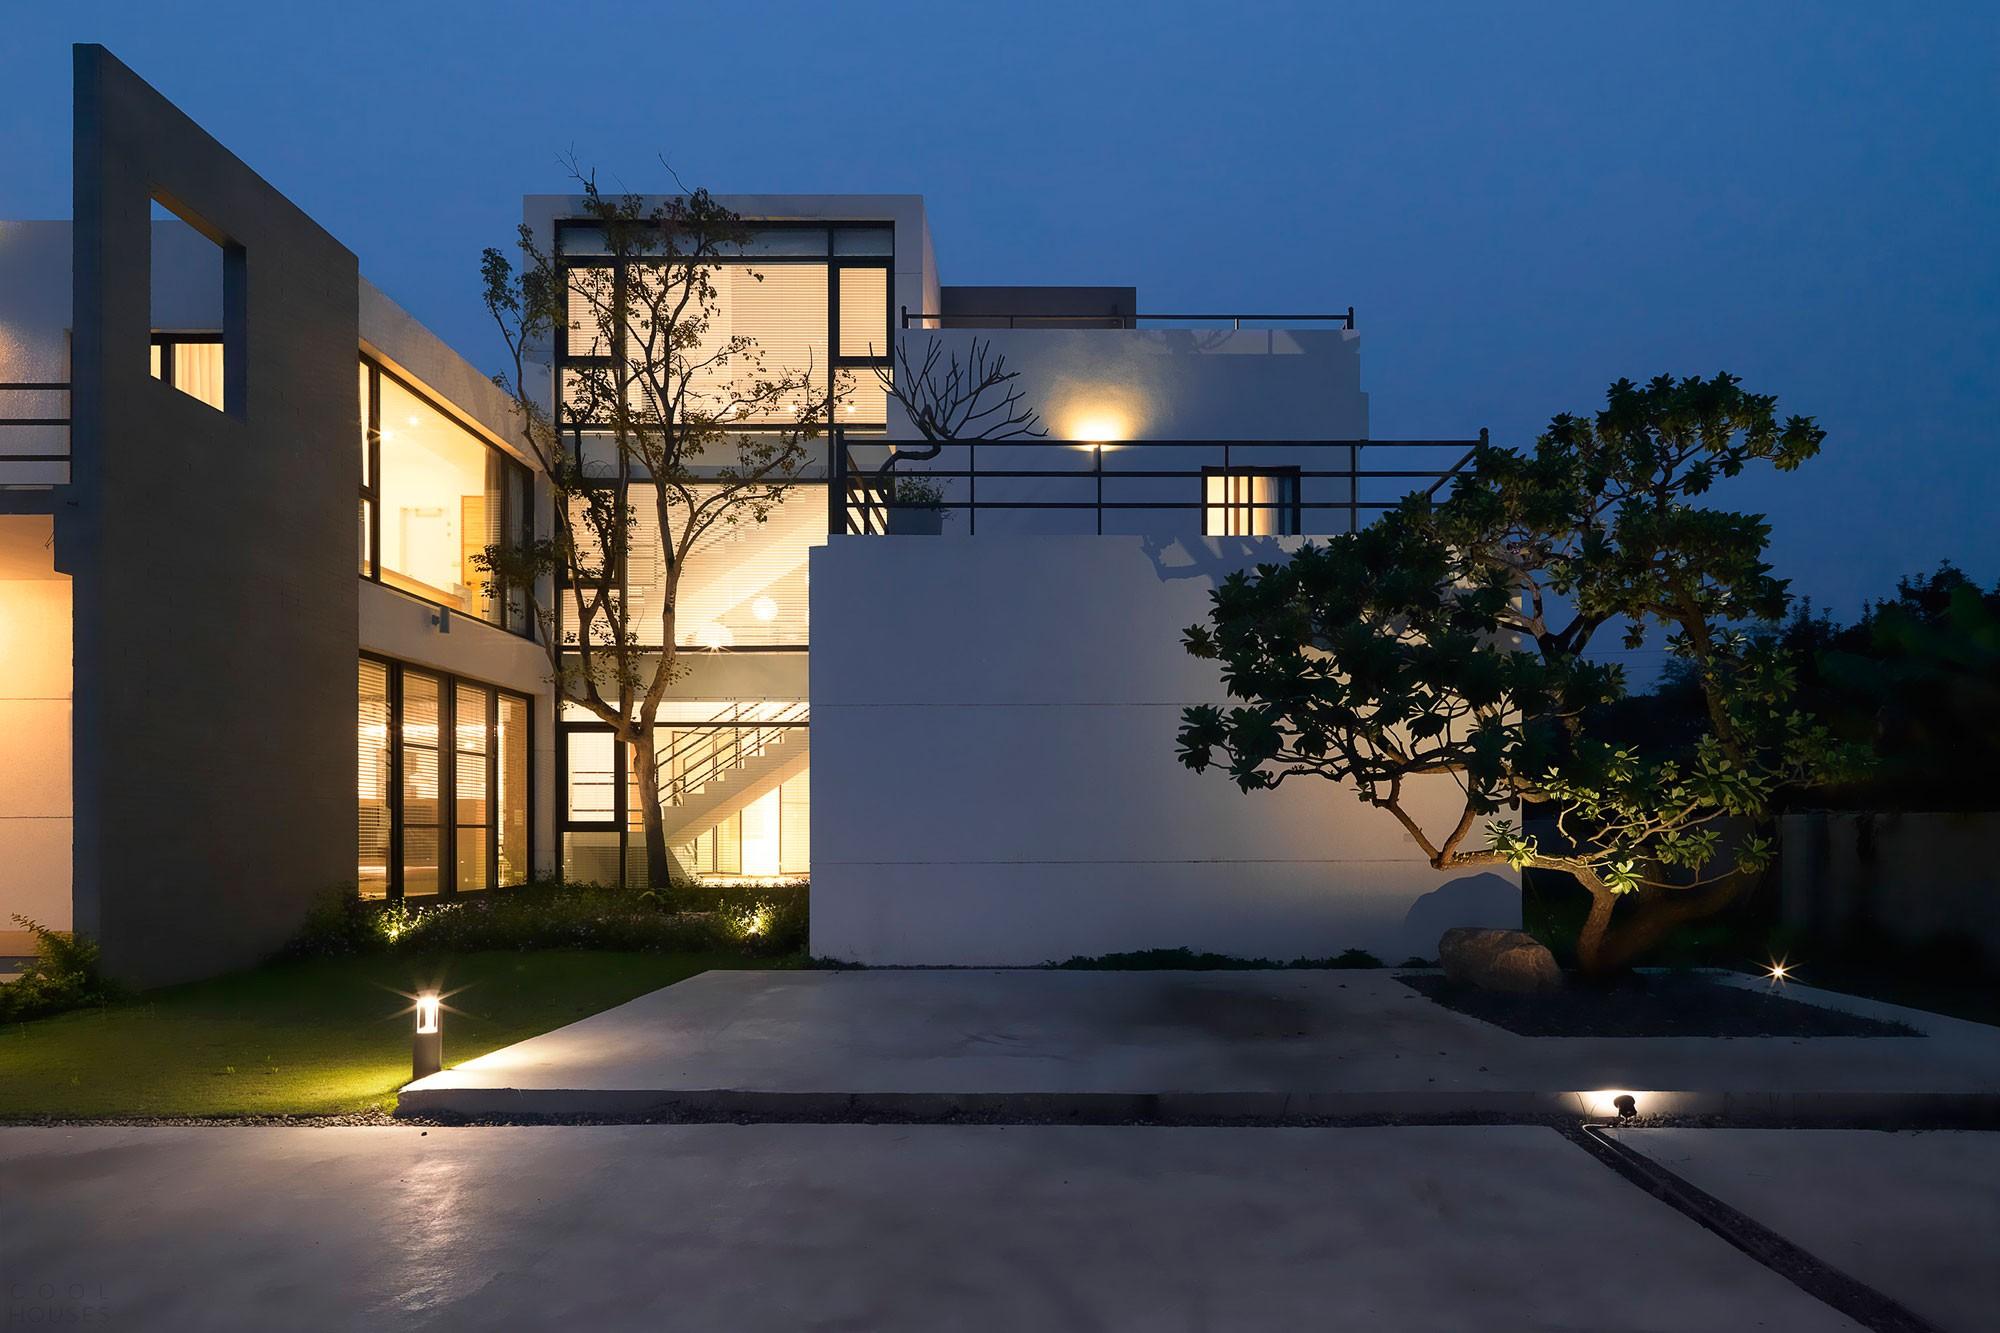 Частная резиденция «Четыре сезона» в Тайвани